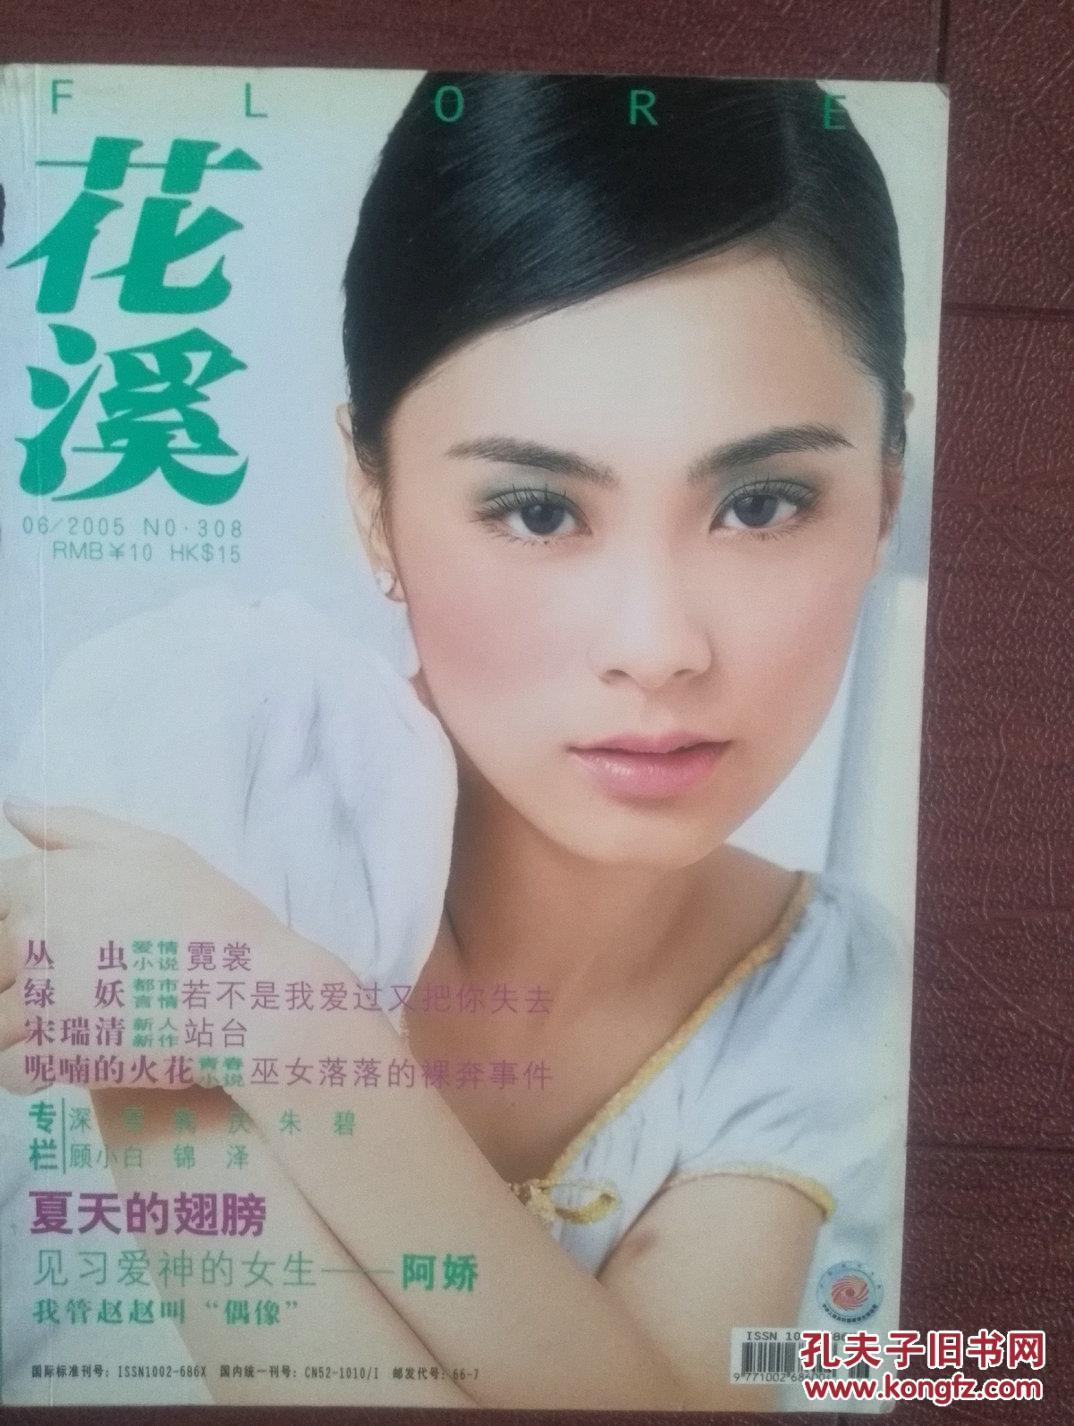 彩铜版明星封面:钟欣桐